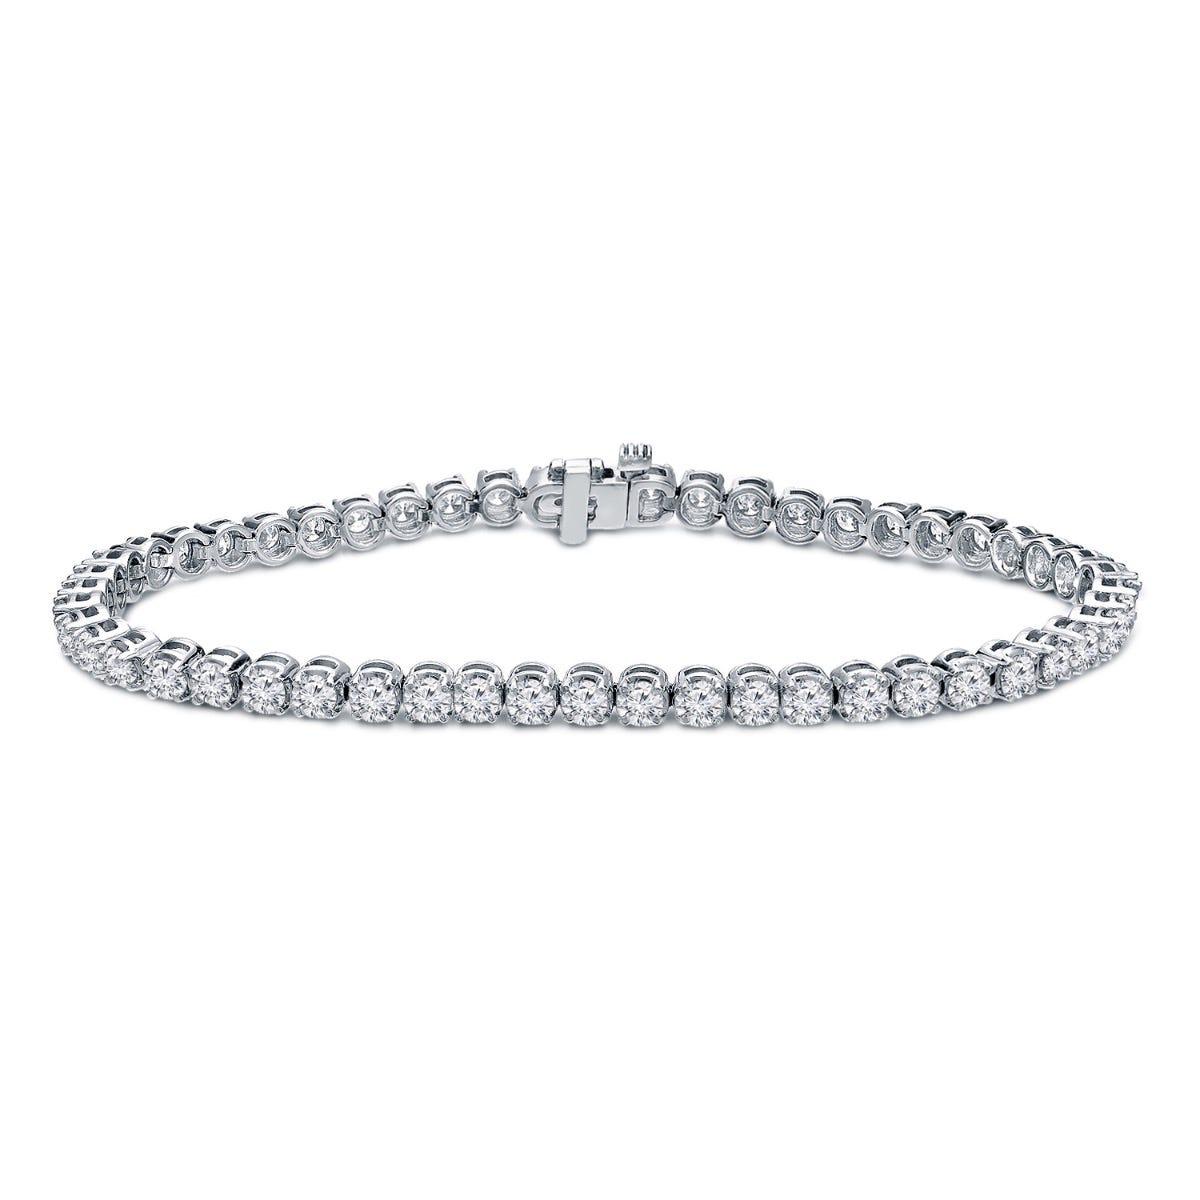 2.50ctw. 4-Prong Round Link Diamond Tennis Bracelet in 14K White Gold (JK, I2-I3)